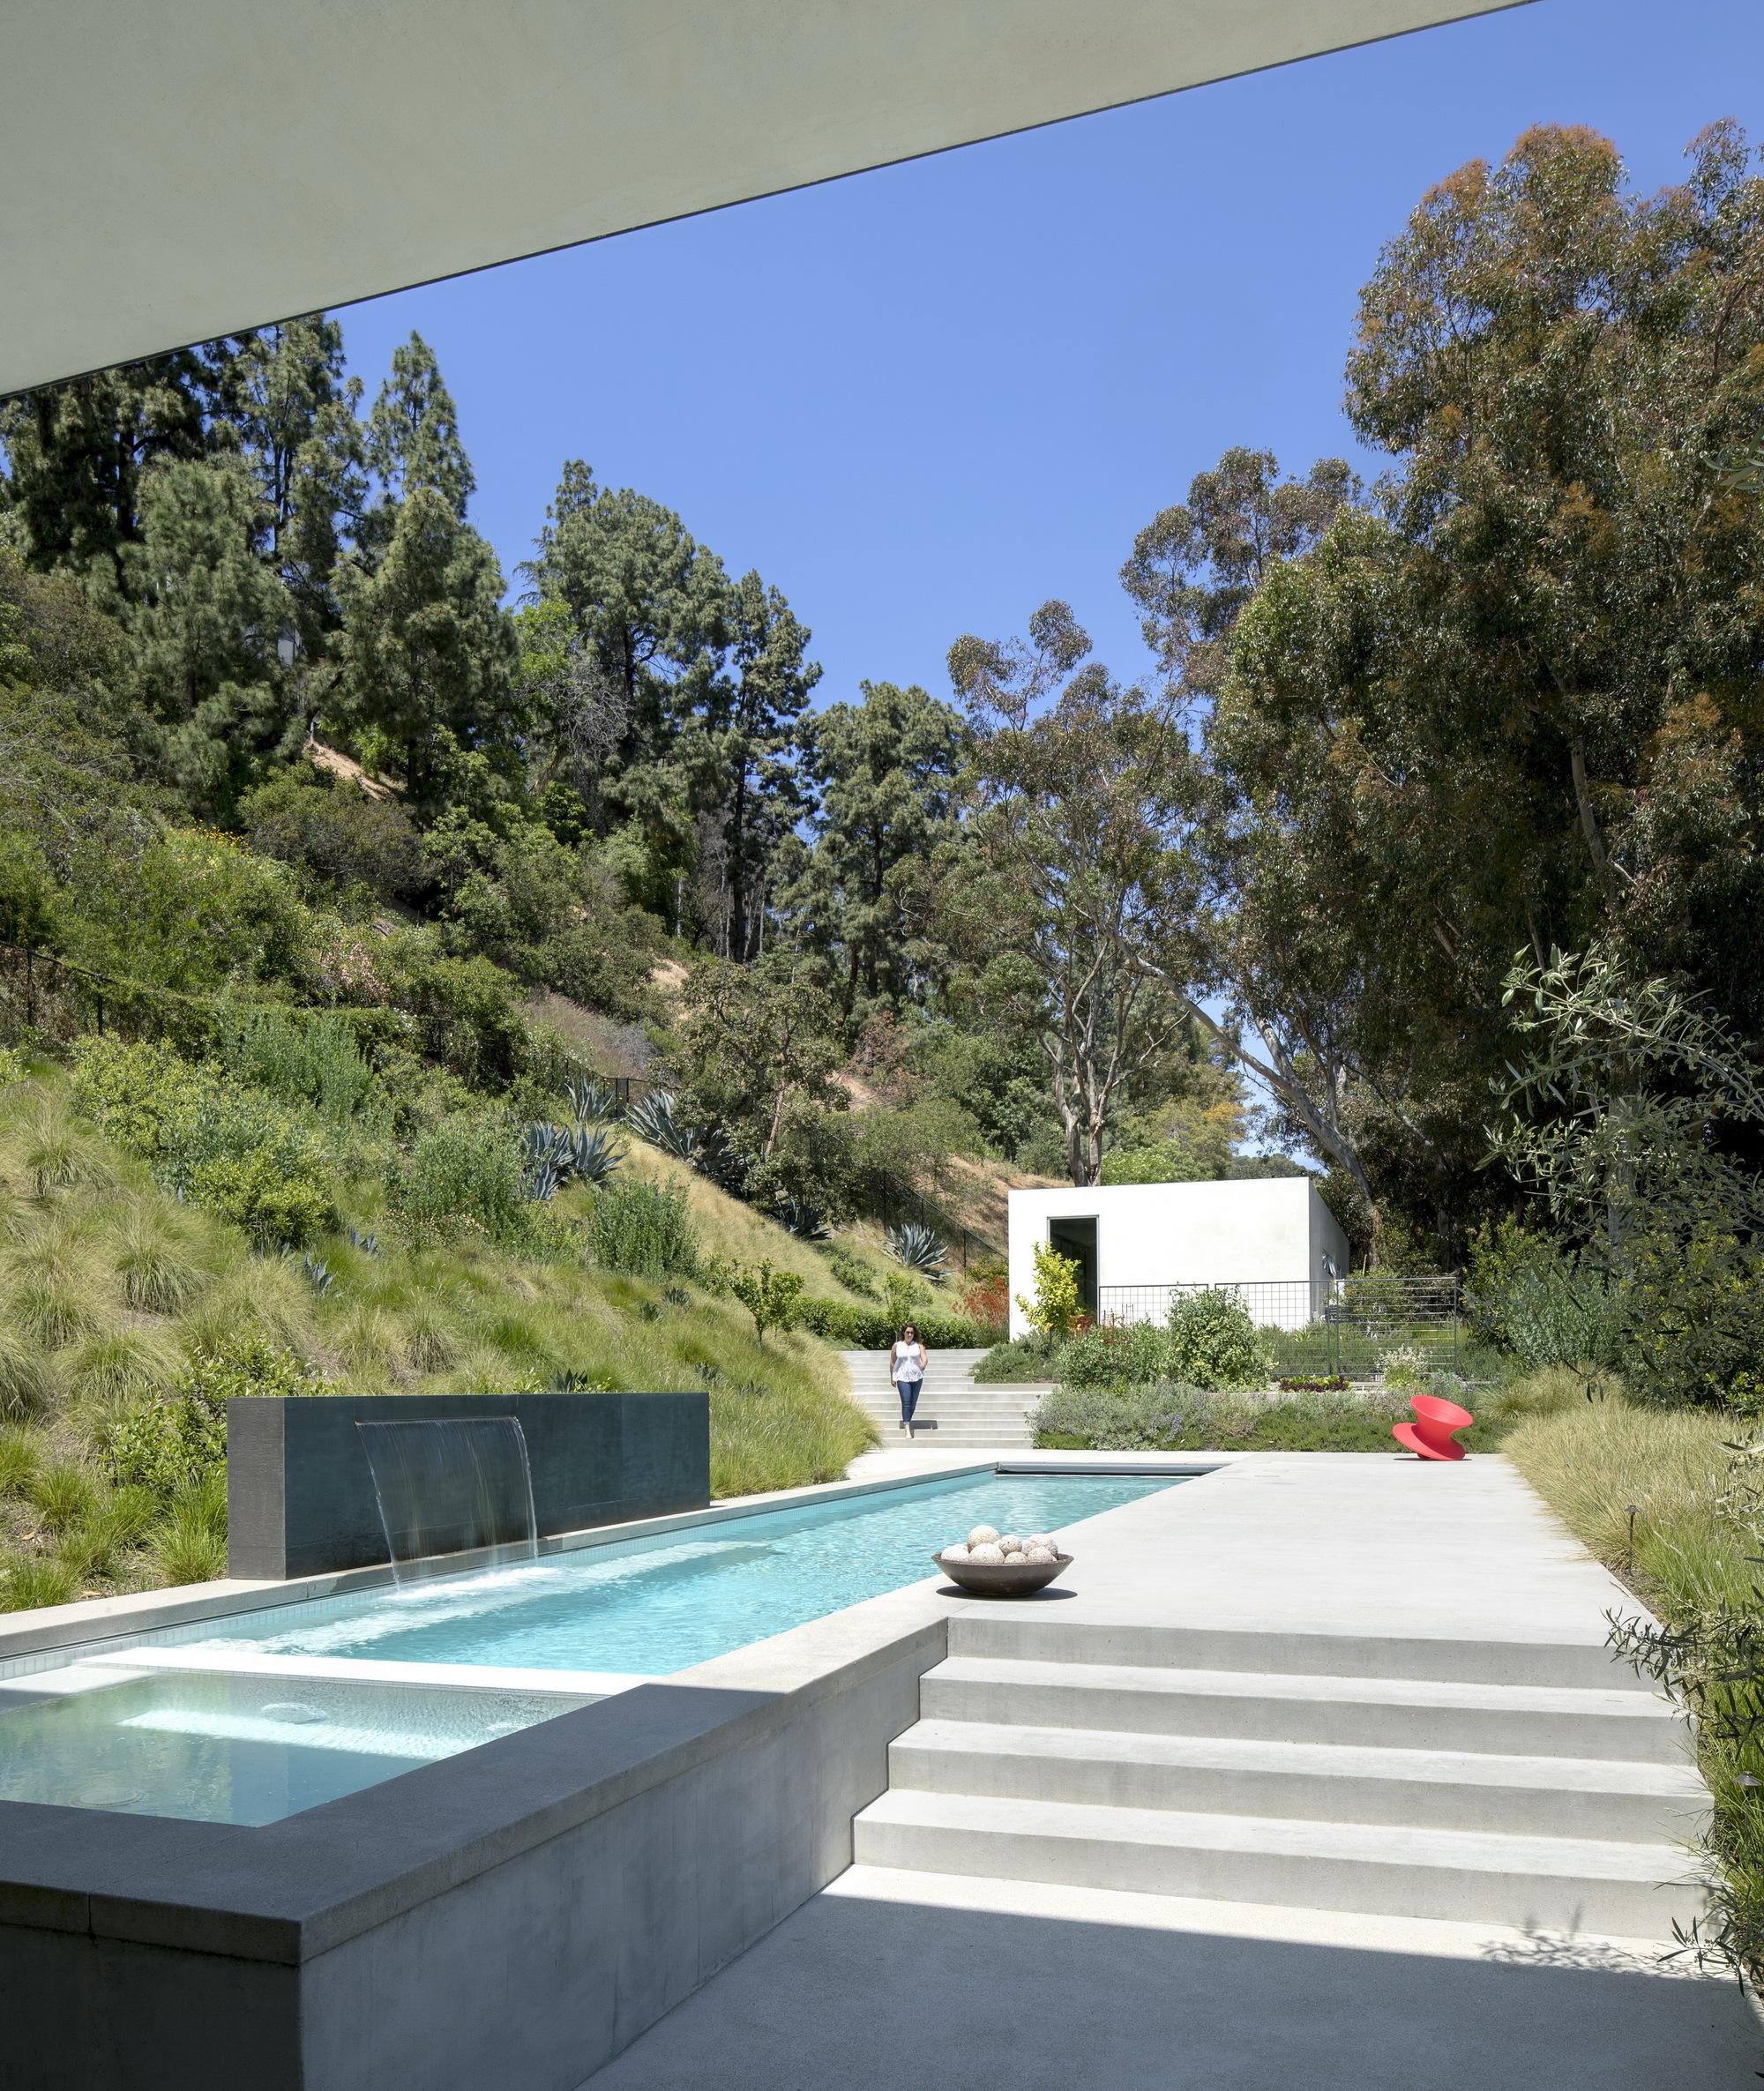 Galeria de desfiladeiro coldwater ehrlich yanai rhee - Limposante residence contemporaine de ehrlich architects ...